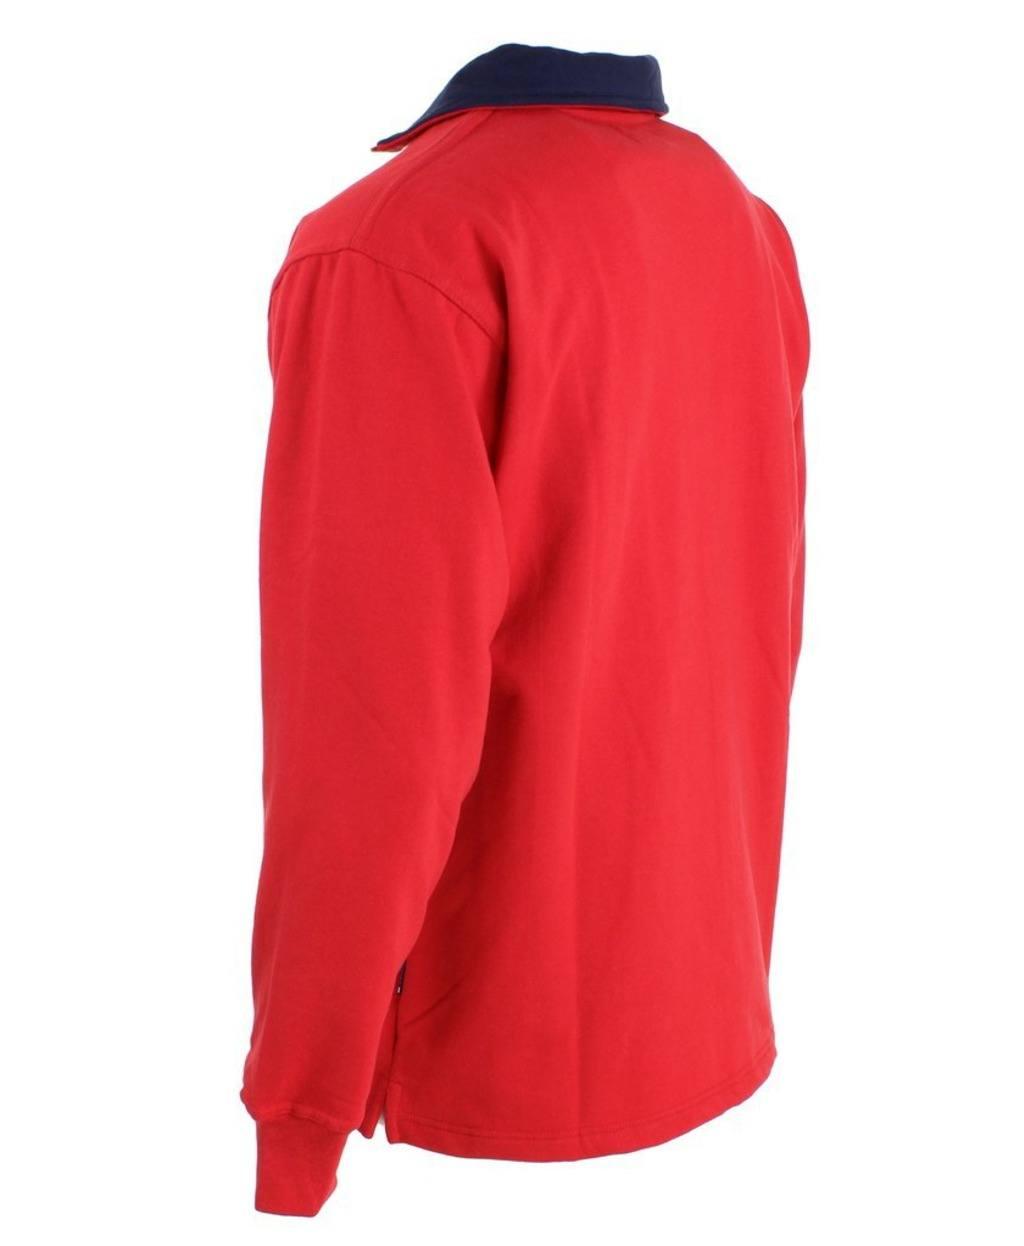 EVERT Zip Sweater